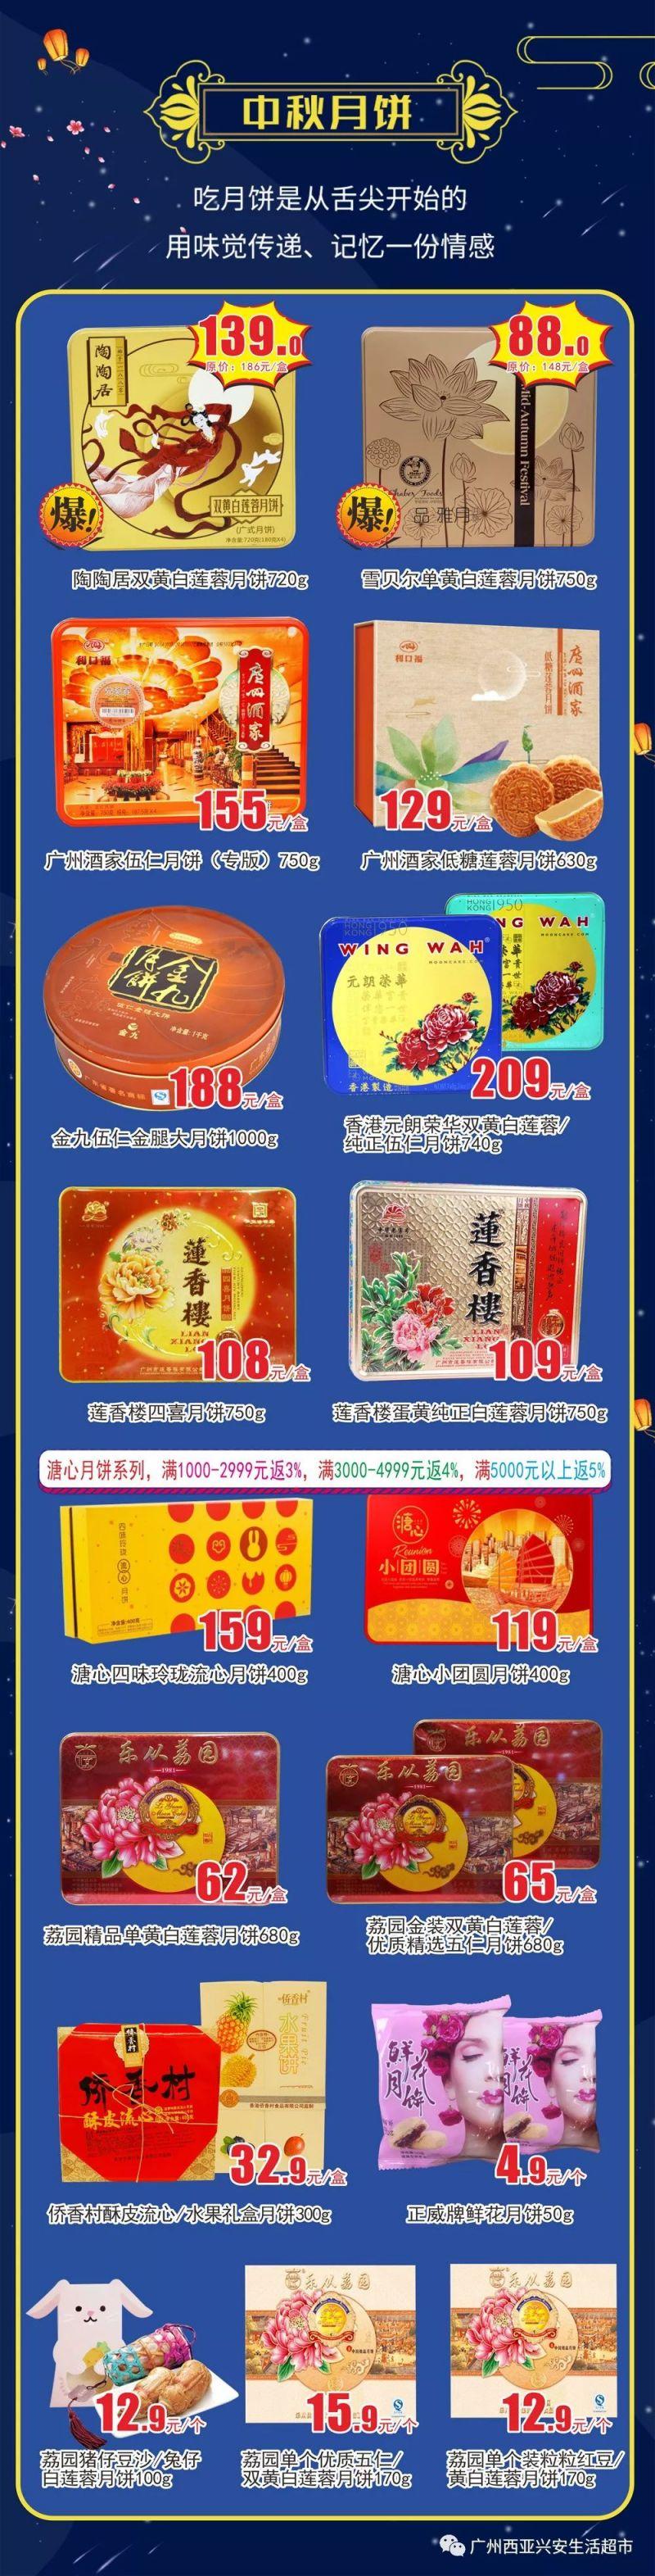 西亚兴安生活超市 | 中秋团圆送好礼(8.24-9.3)